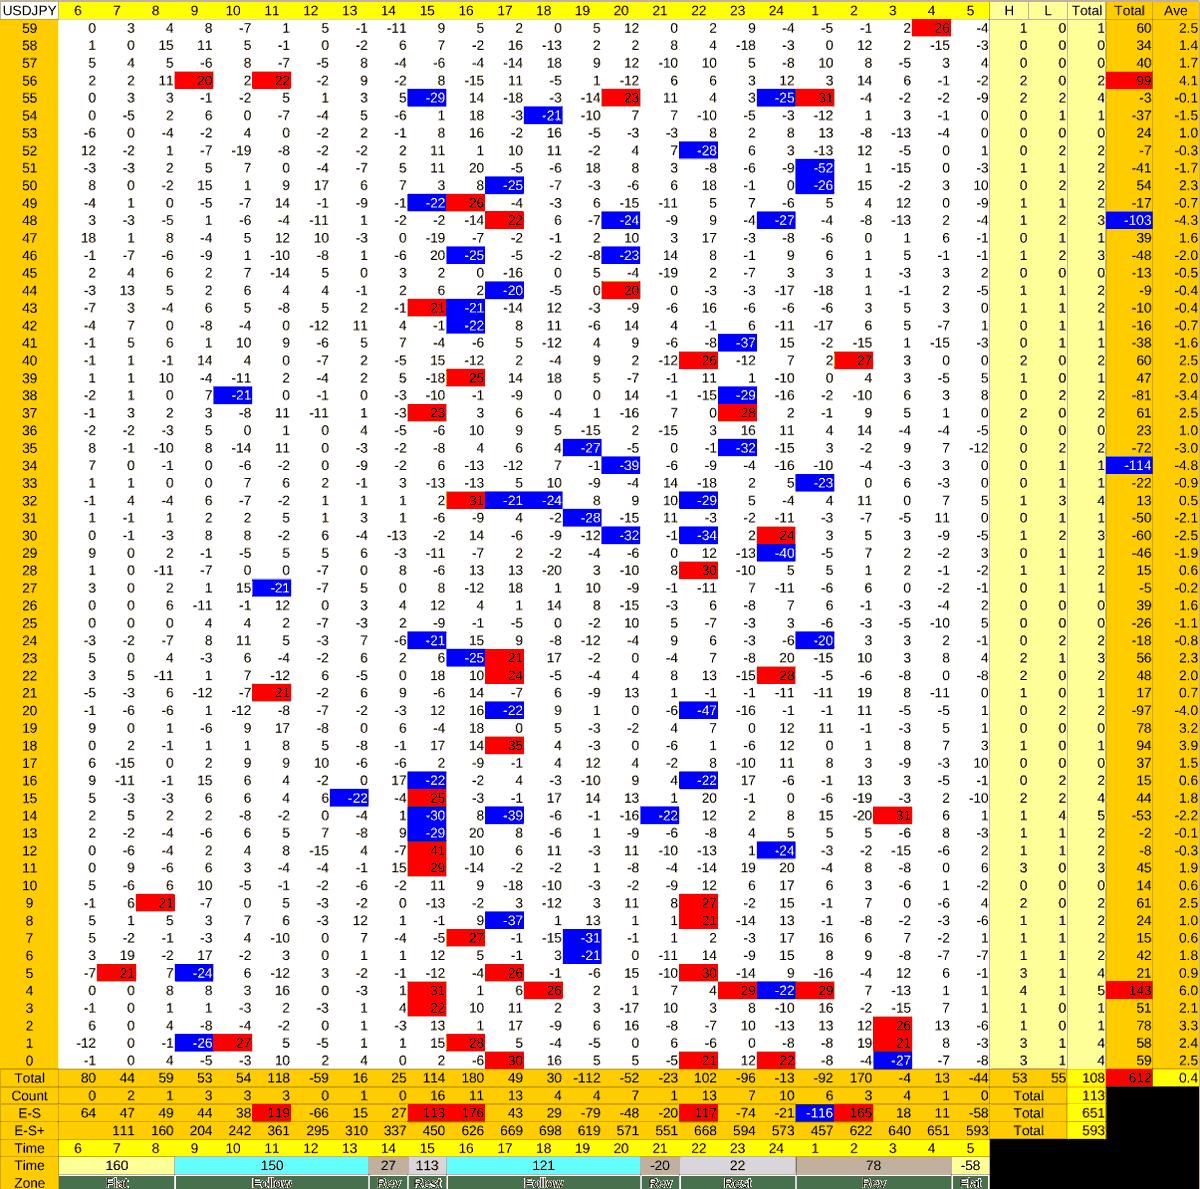 20210312_HS(1)USDJPY